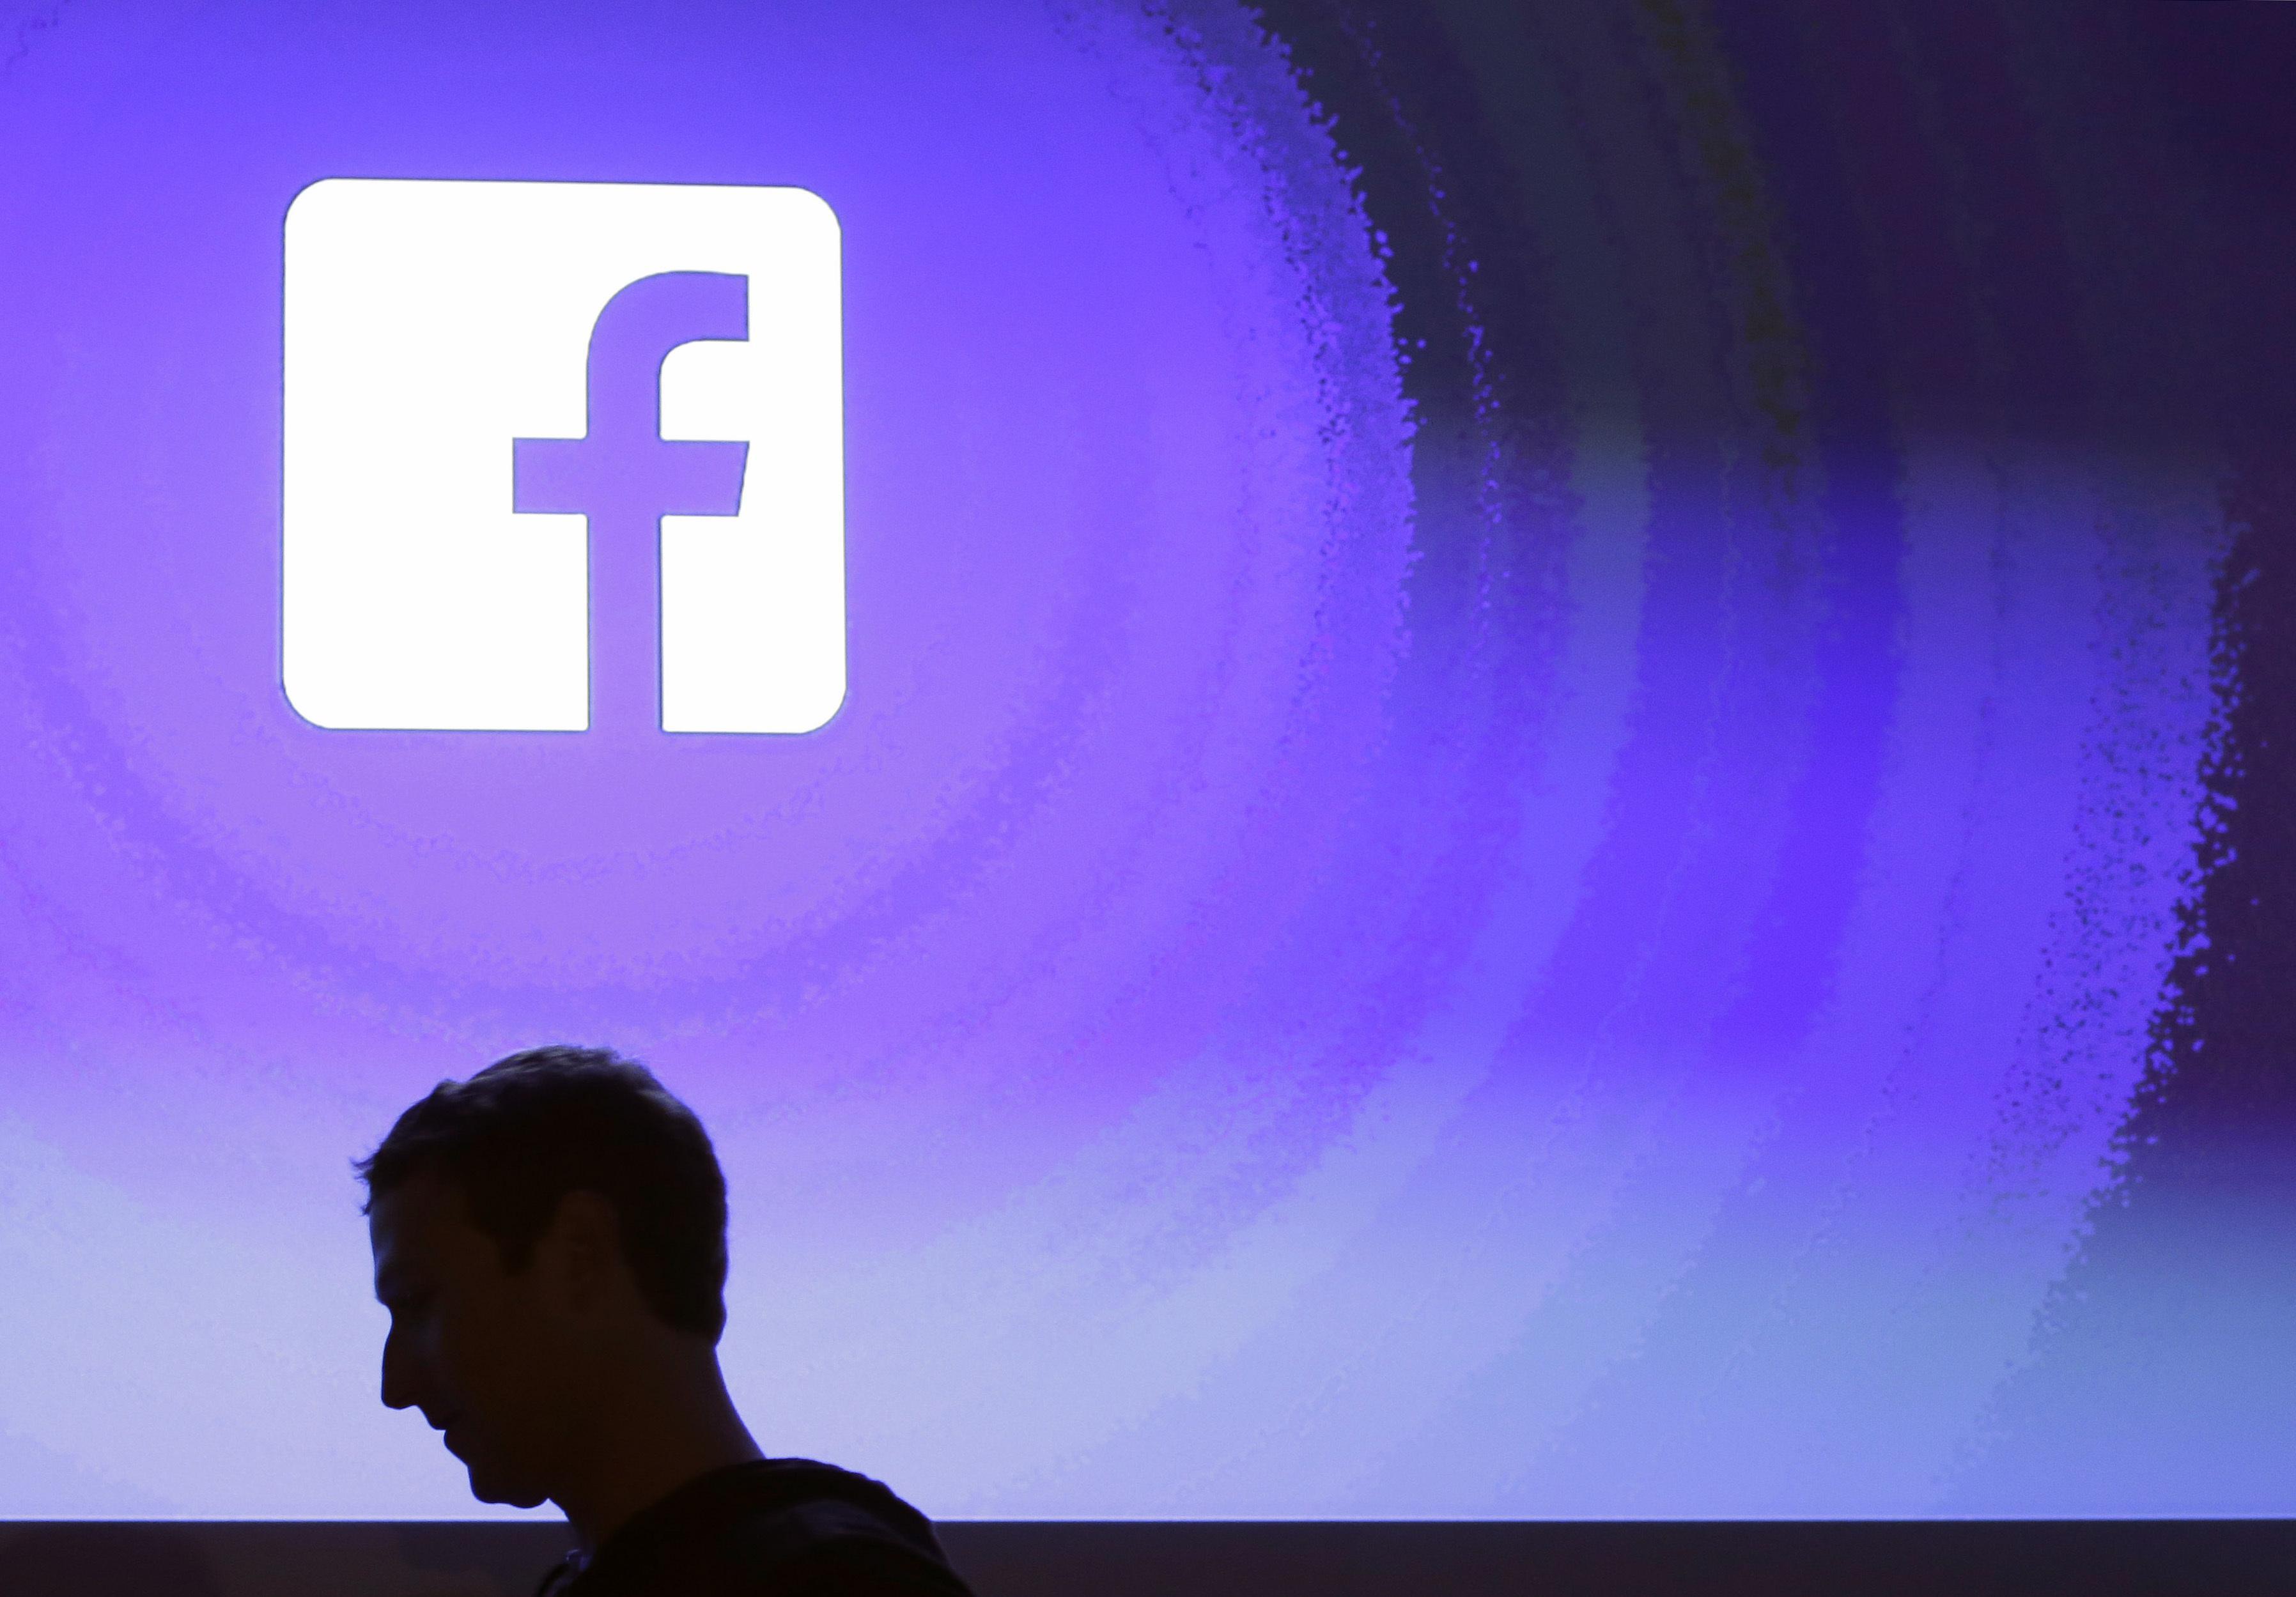 Một người phụ nữ tuyên bố nó Facebook Các ứng dụng gián điệp về cuộc trò chuyện của bạn.